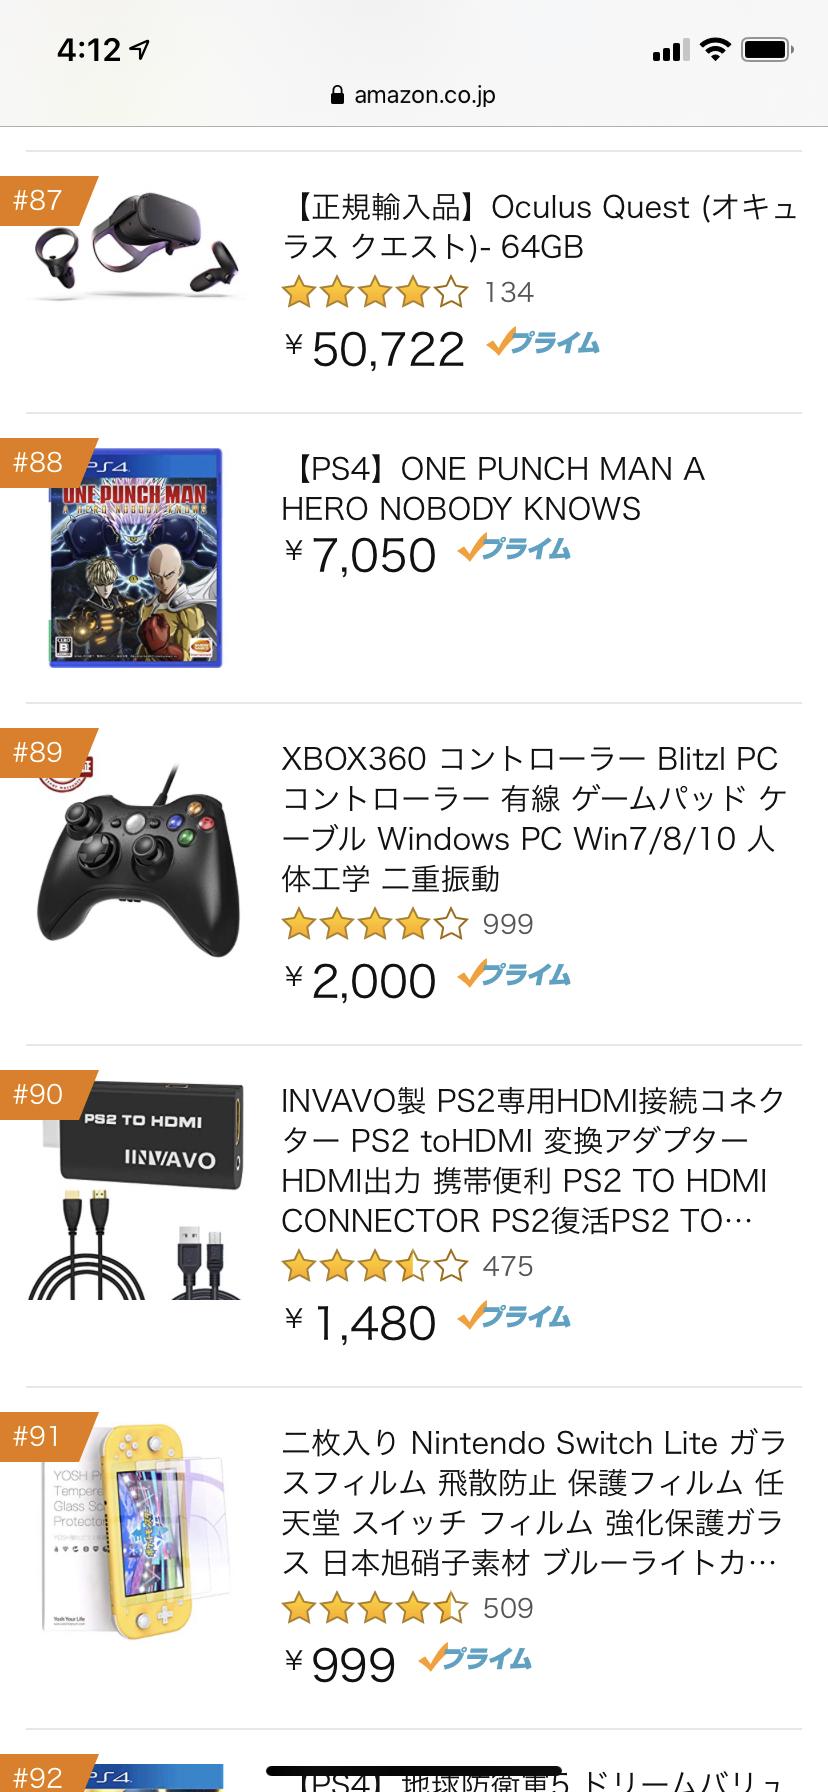 xCfbgLg 1 - 【悲報】PS4「ワンパンマン」、発売日なのにアマラン88位(在庫あり)!!なぜ核爆死したのか?